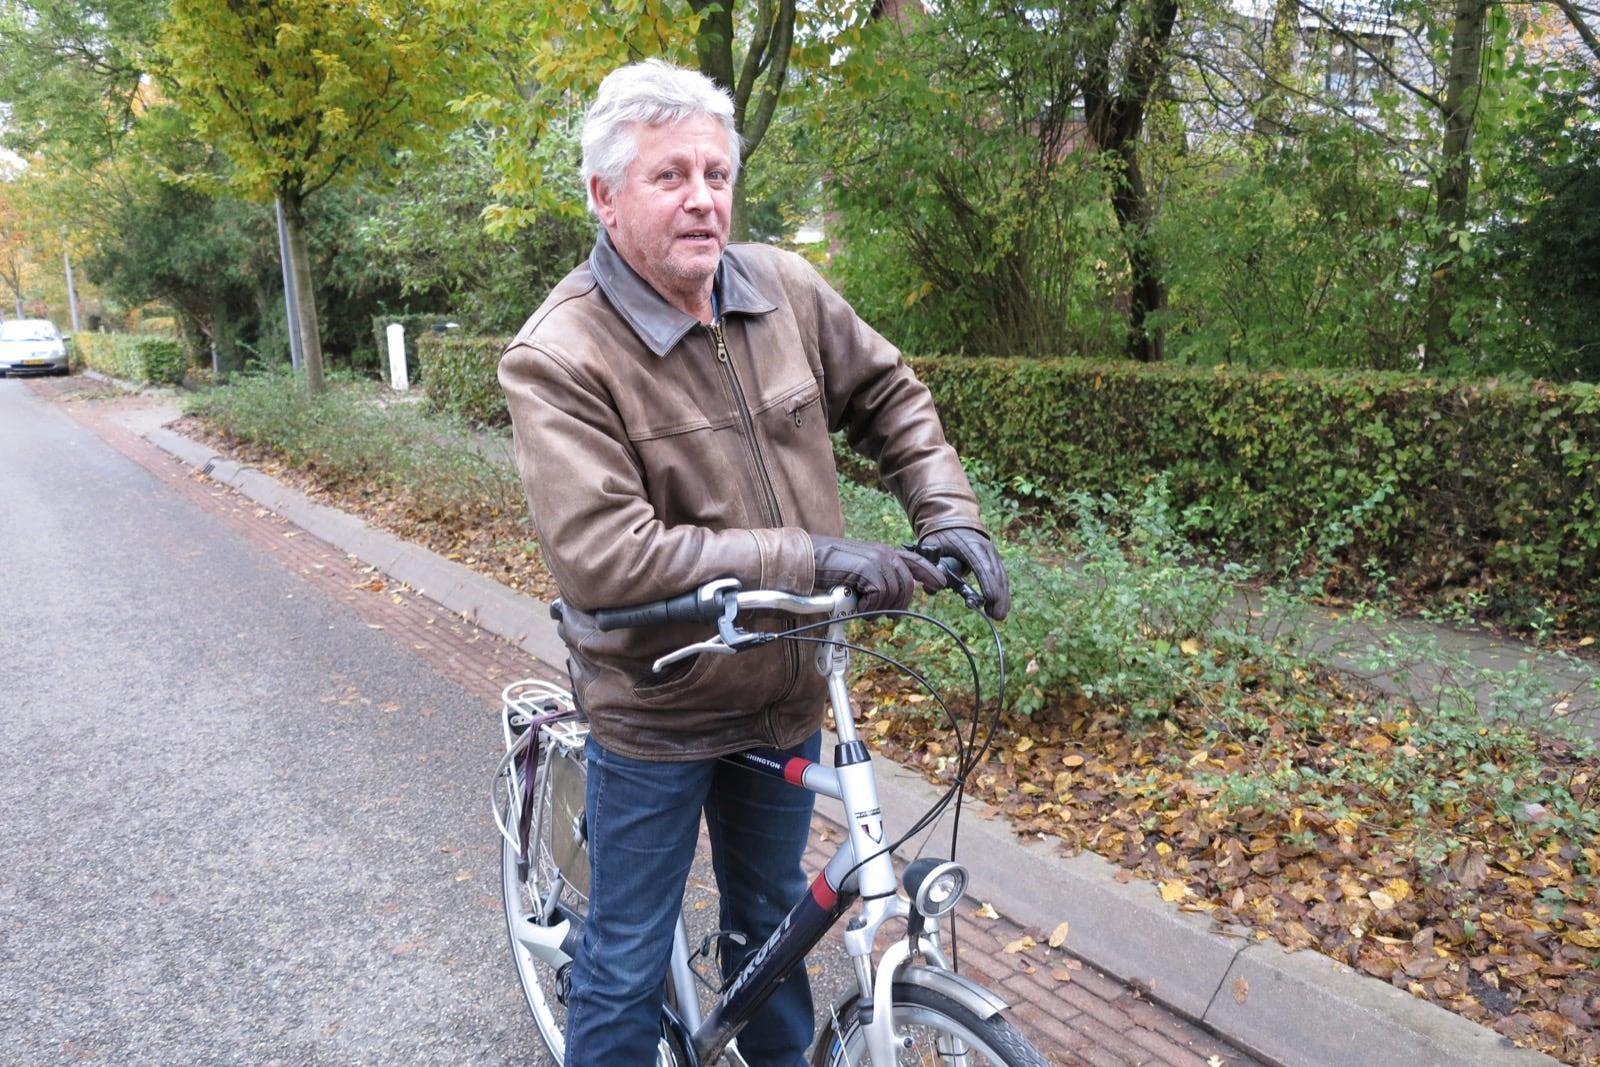 et-fiets-en-fietser-111-harry-ten-cate-oi.jpg